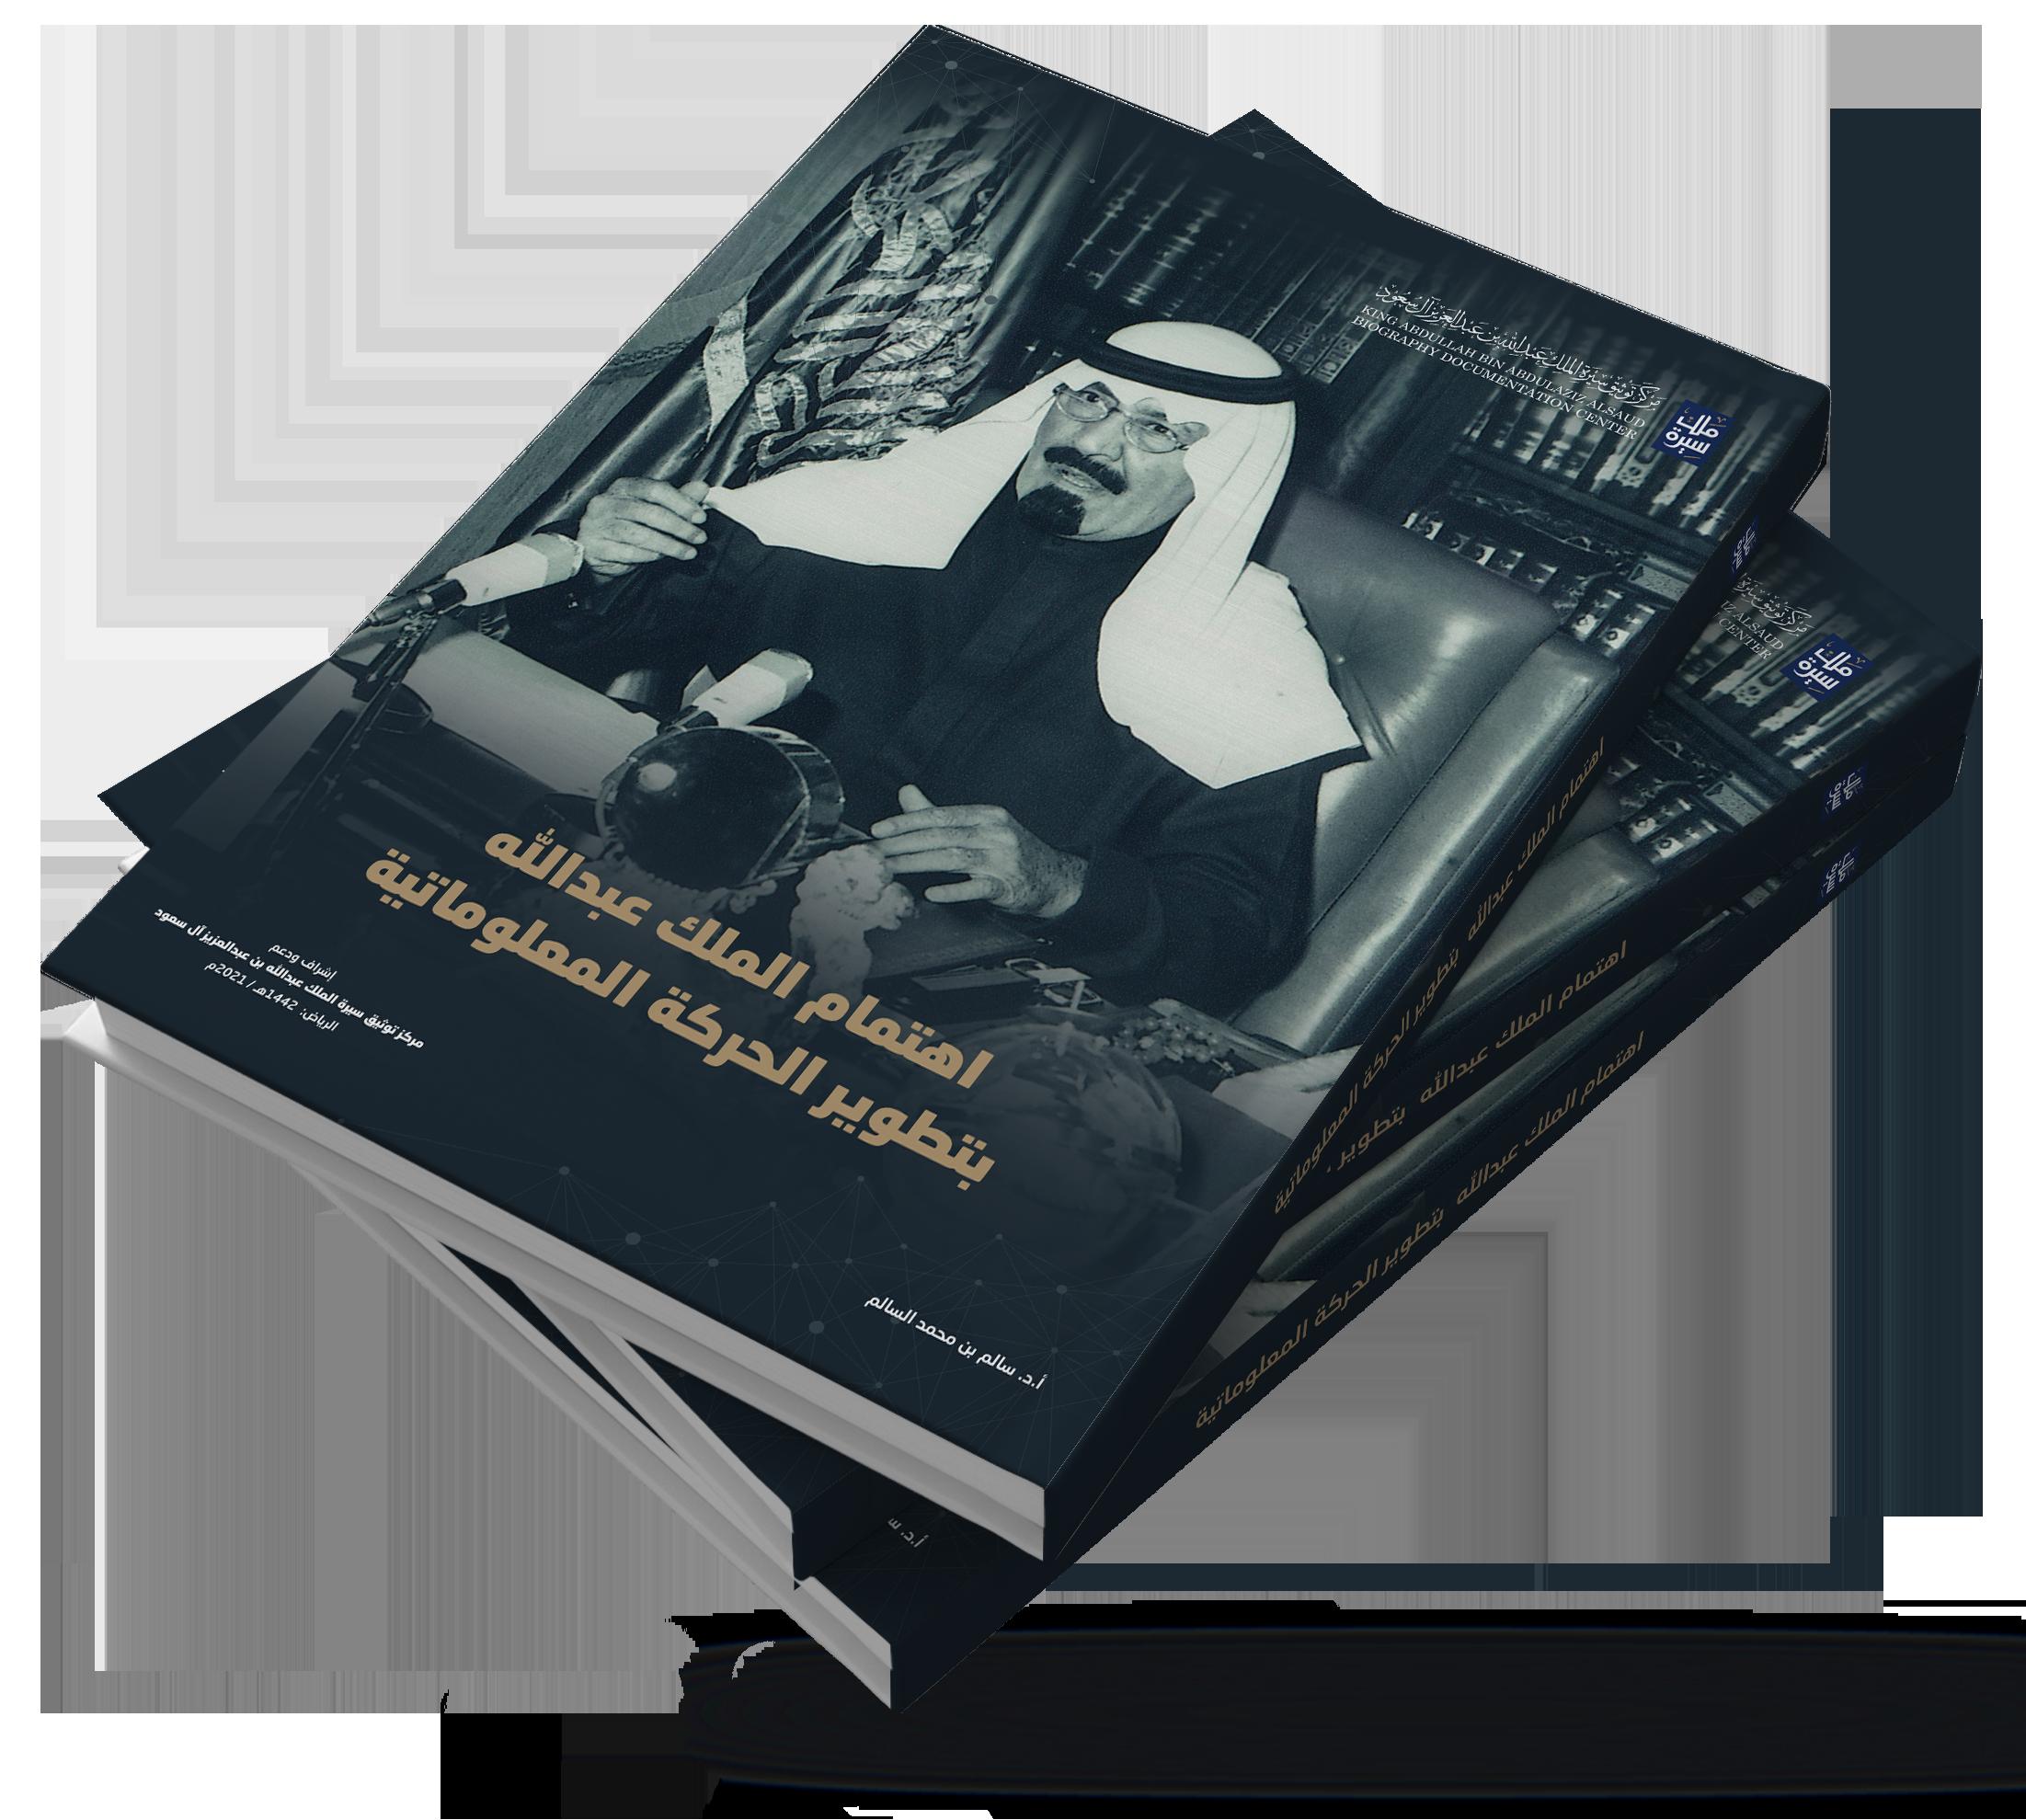 اهتمام الملك عبدالله بتطوير الحركة المعلوماتية